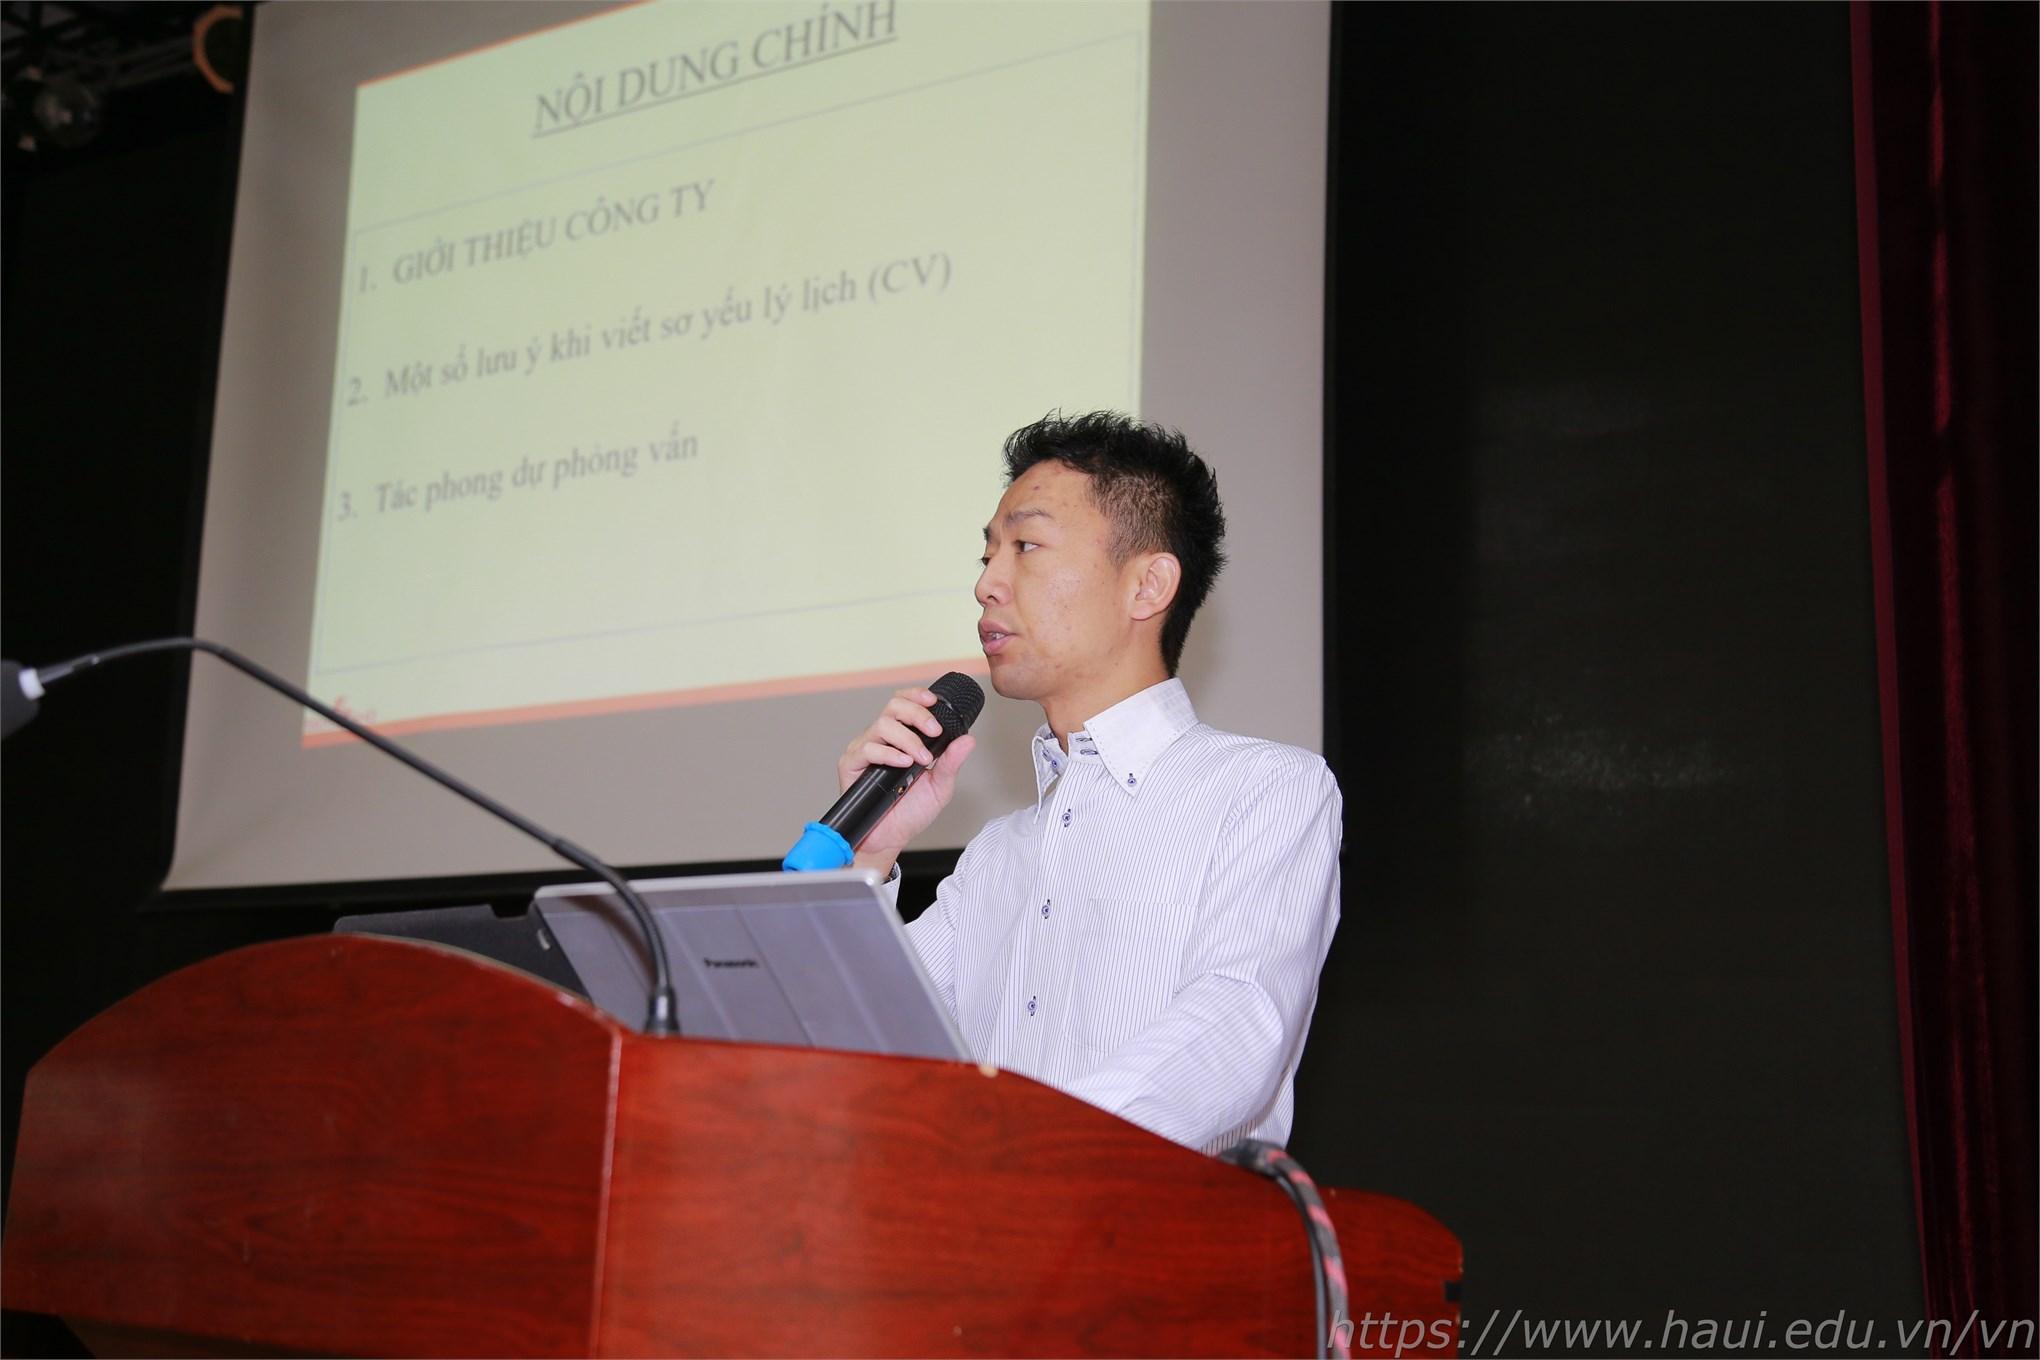 Đại diện Công ty Sekisho giới thiệu chung về công ty và những lưu ý cho sinh viên khi viết CV cũng như khi tham gia phỏng vấn trực tiếp